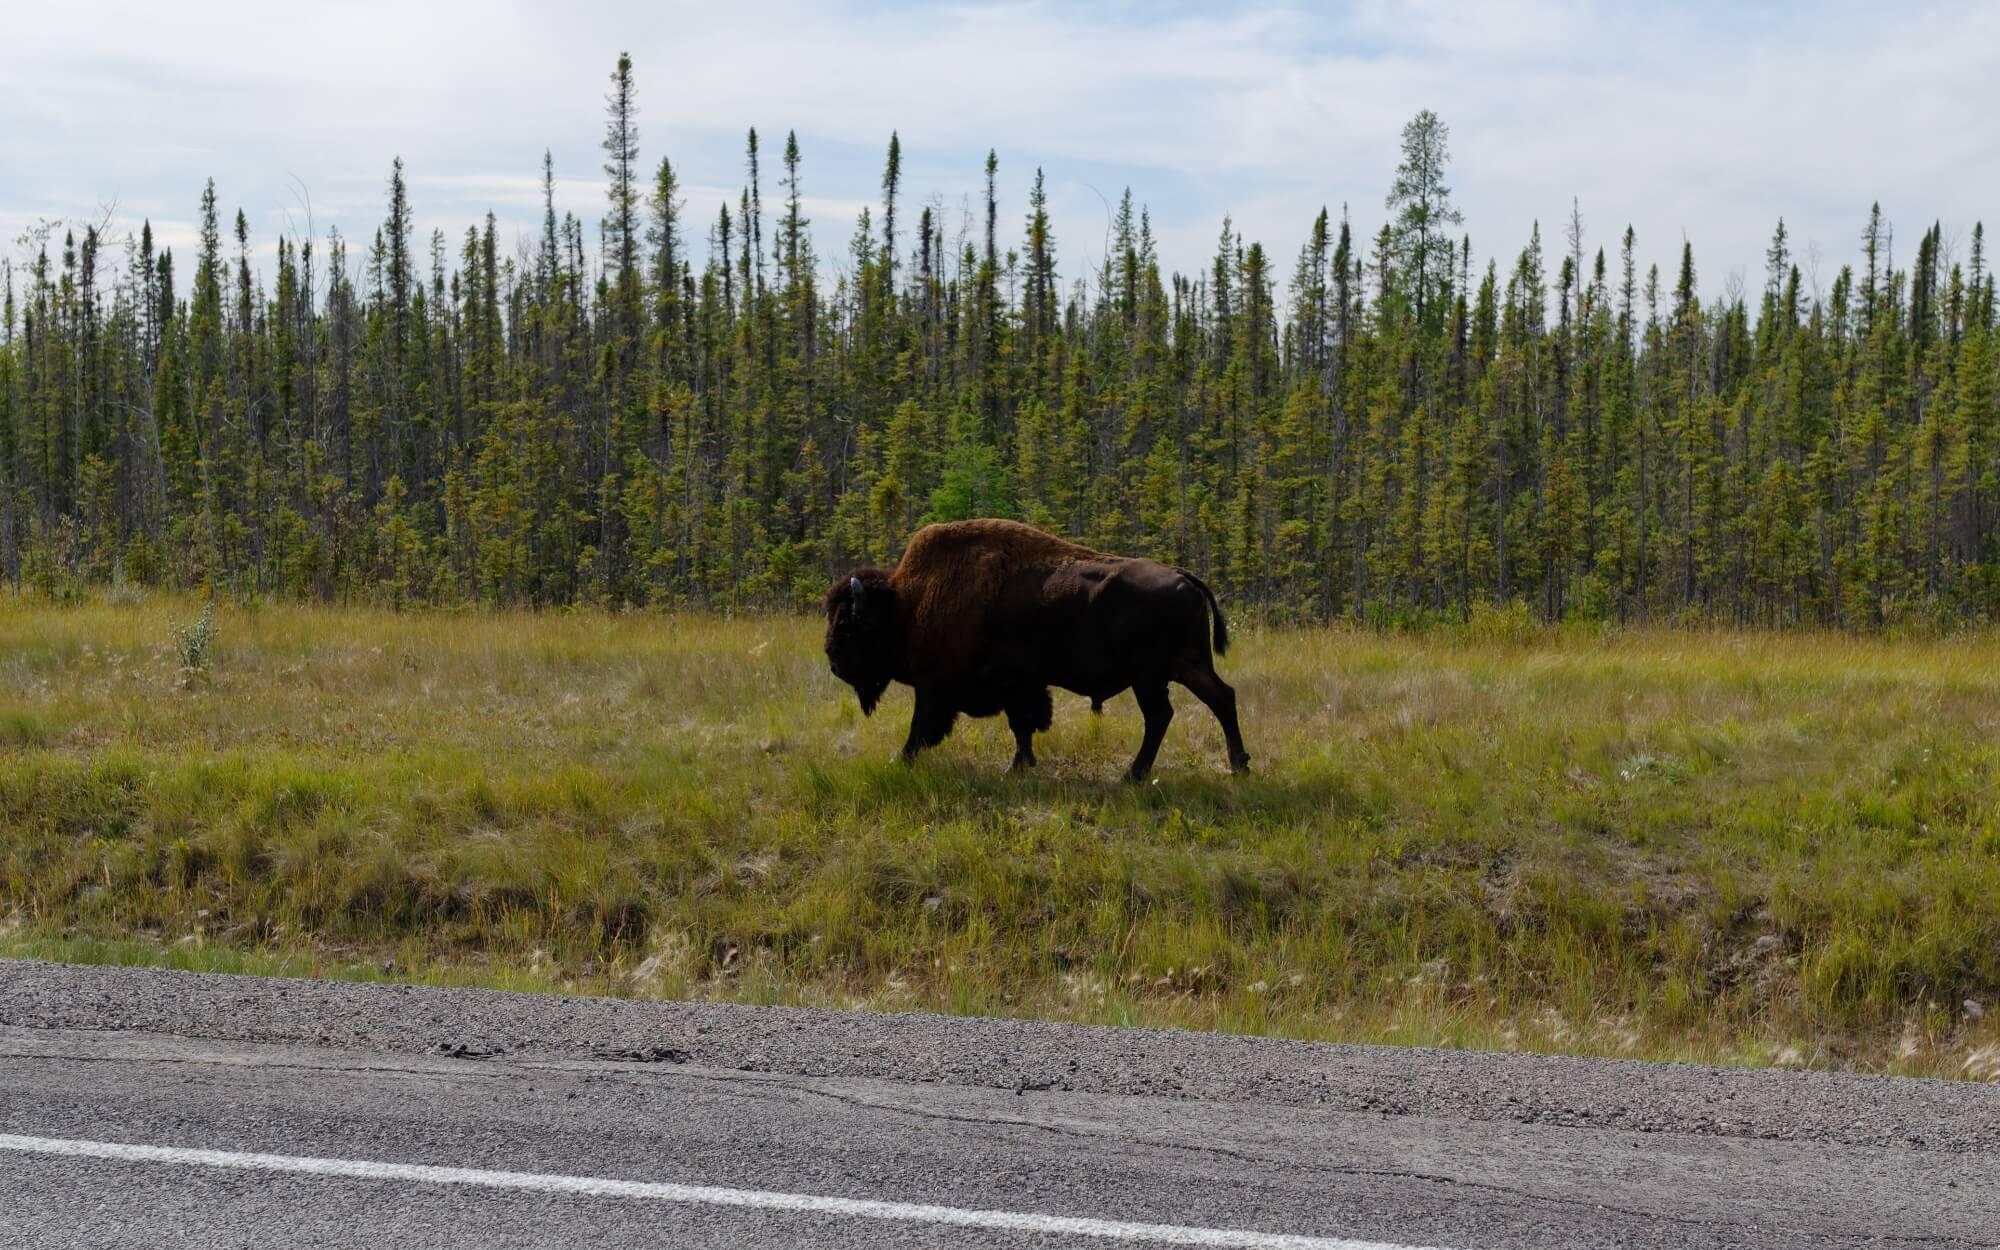 Auf dem Weg nach Yellowknife kann man von der Straße aus freilaufende Bisons sehen